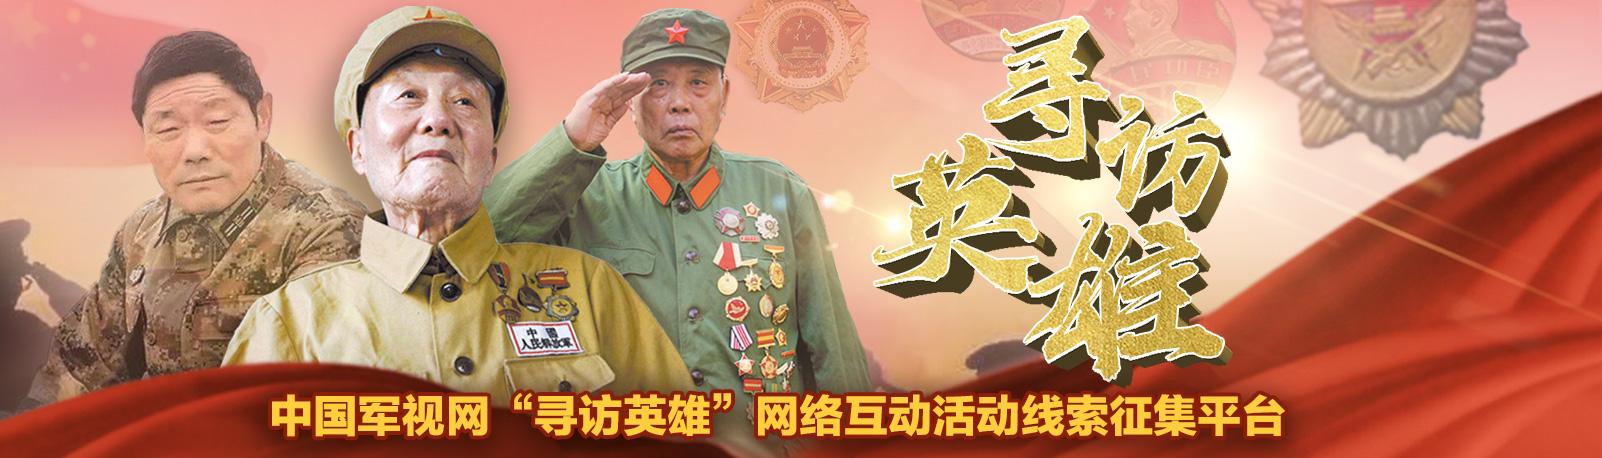 """中國軍視網""""尋訪英雄""""網絡互動活動線索征集平臺"""